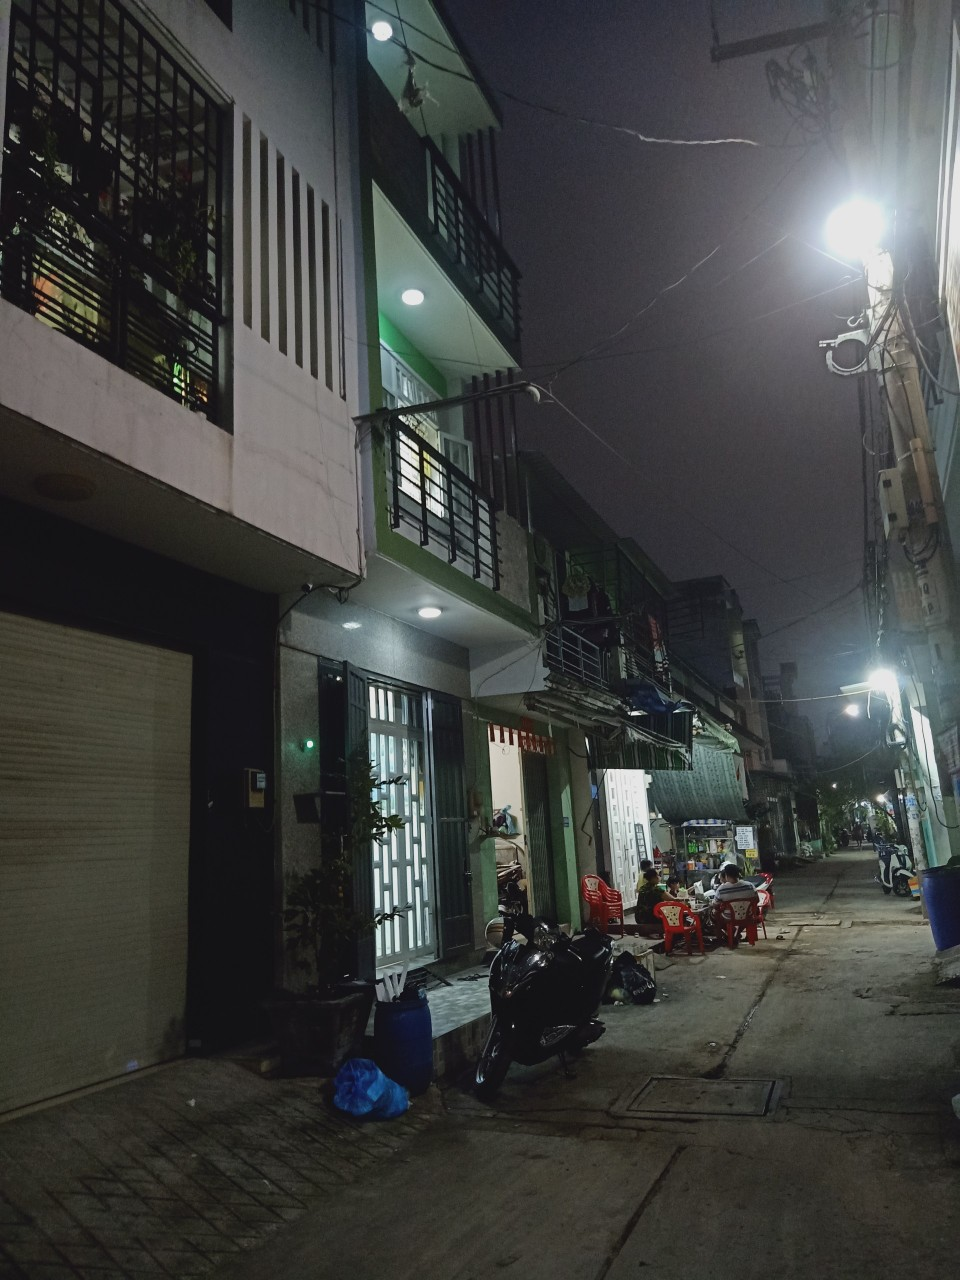 Bán nhà 2 lầu hẻm 413 Lê Văn Quới quận Bình Tân dưới 4 tỷ mới nhất 2021